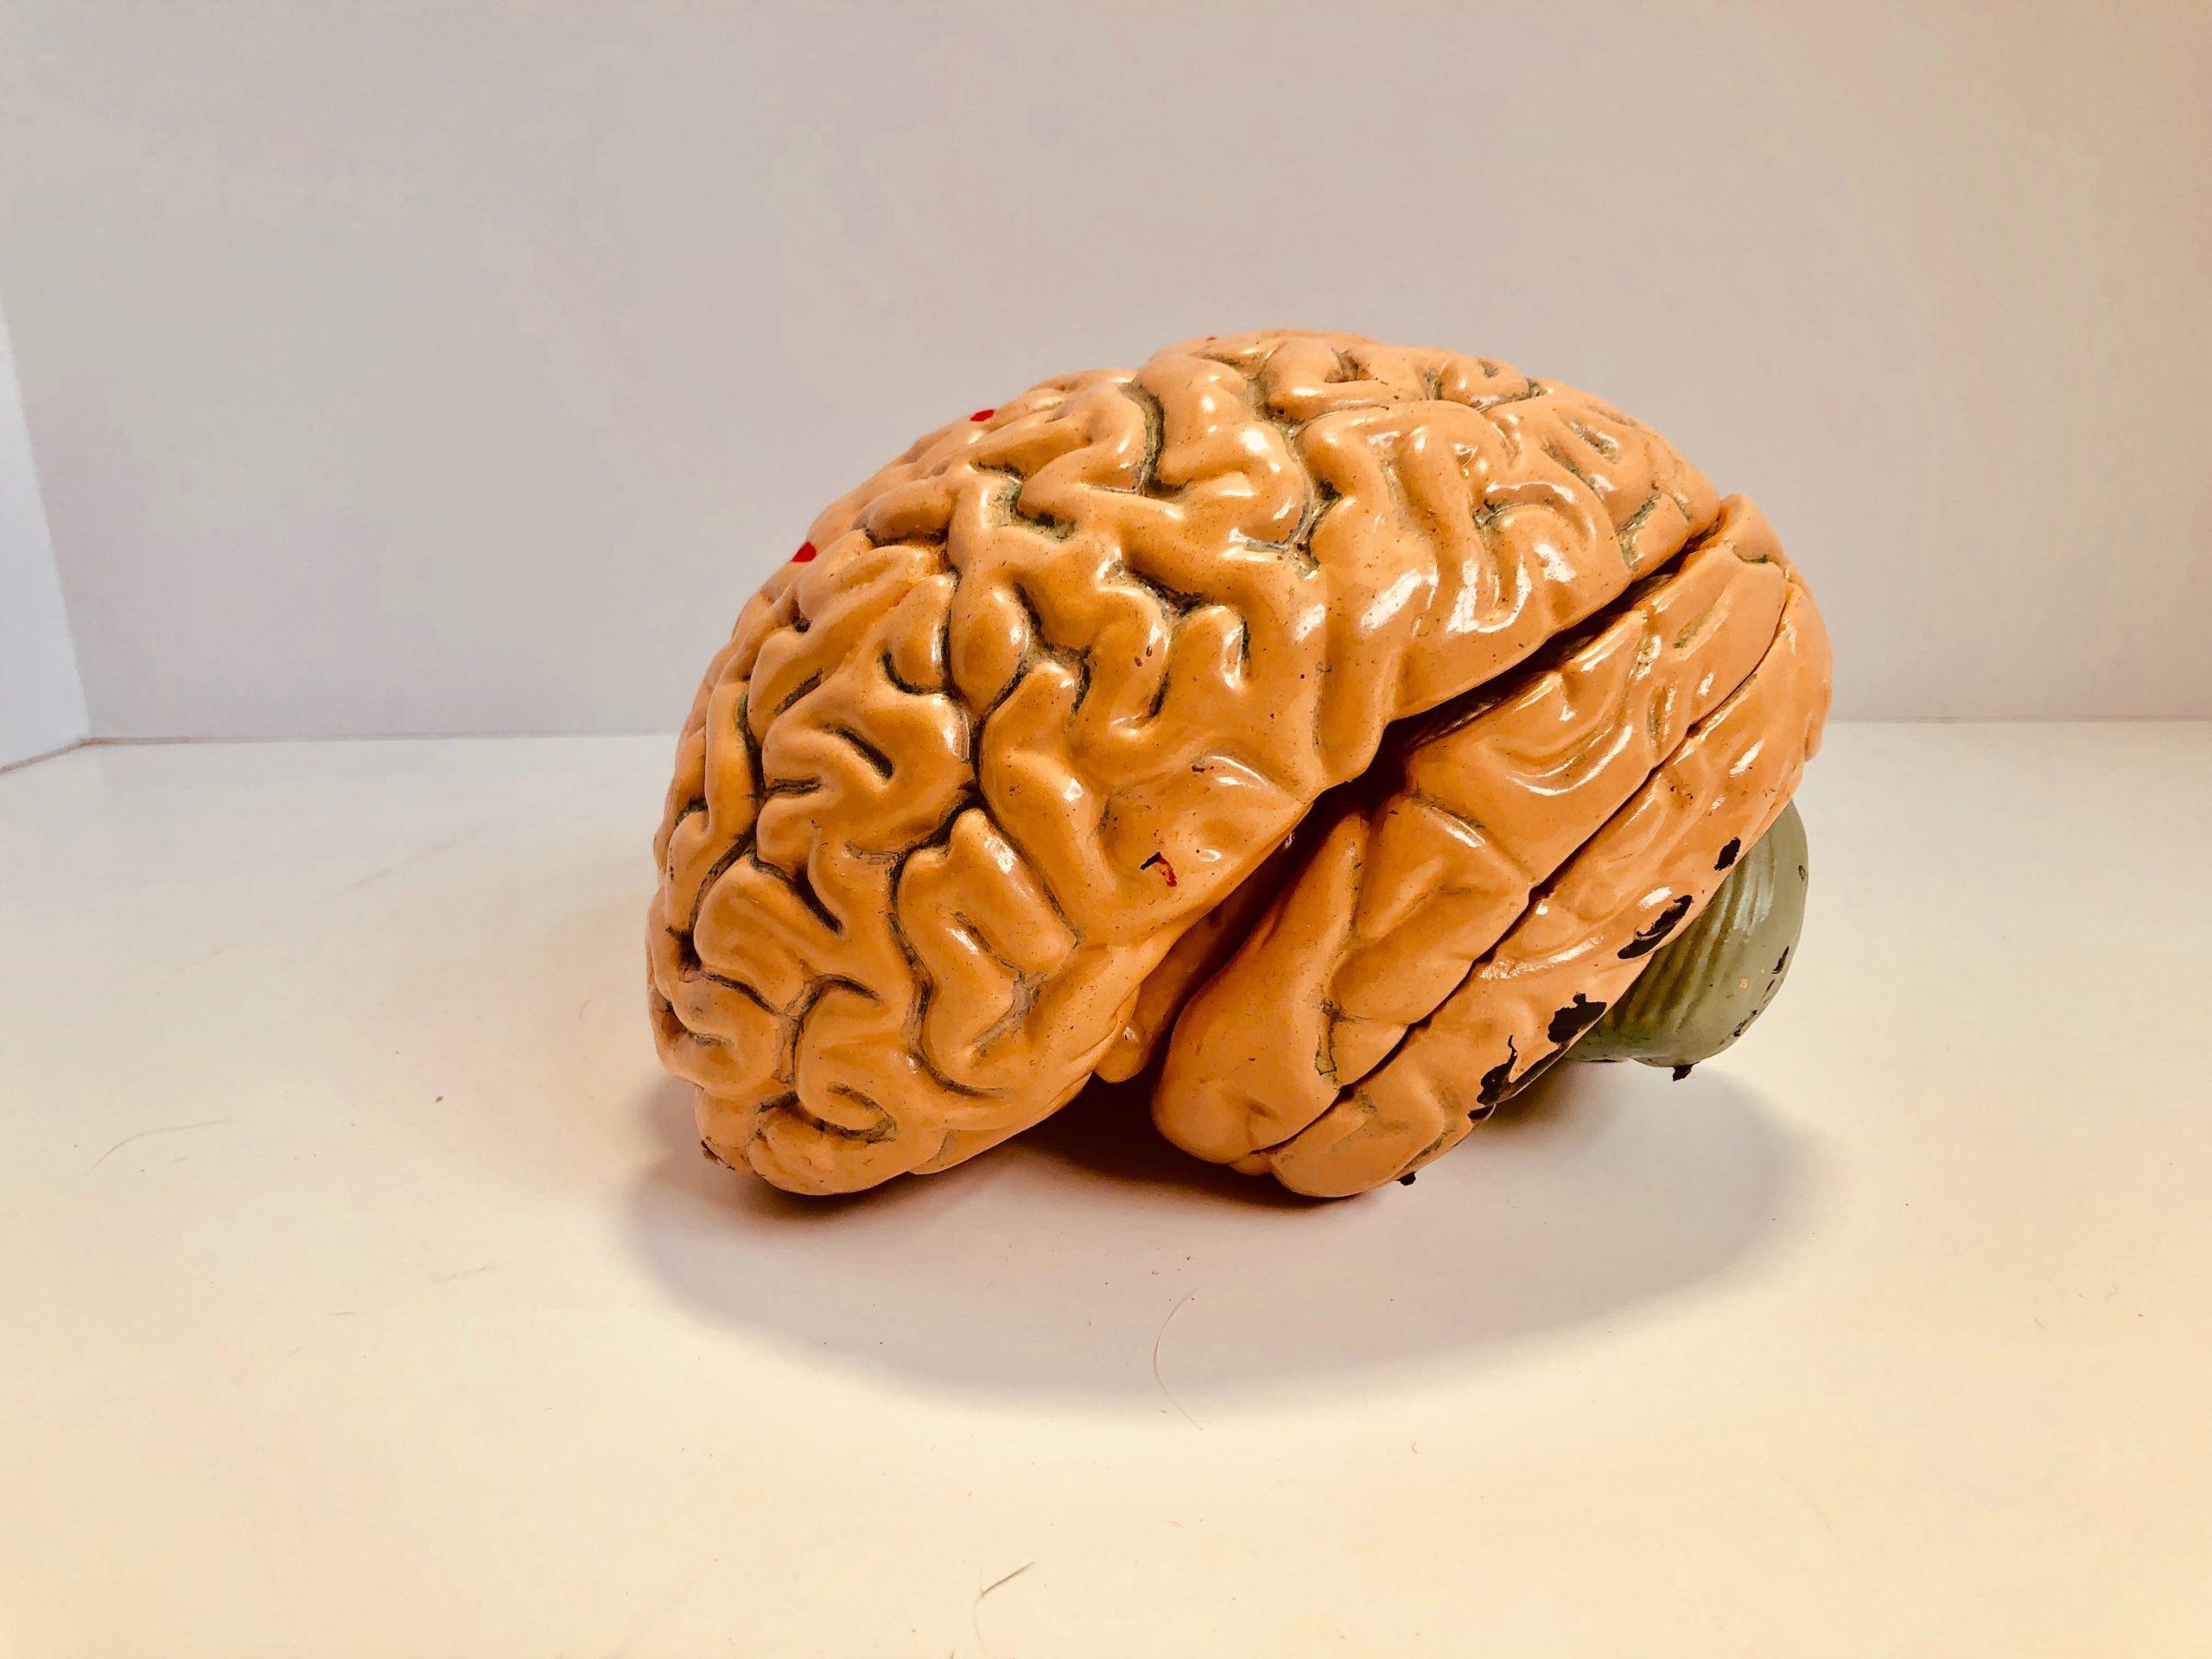 Beperkte beloning in beeld gebracht: de dopaminerge hypothese